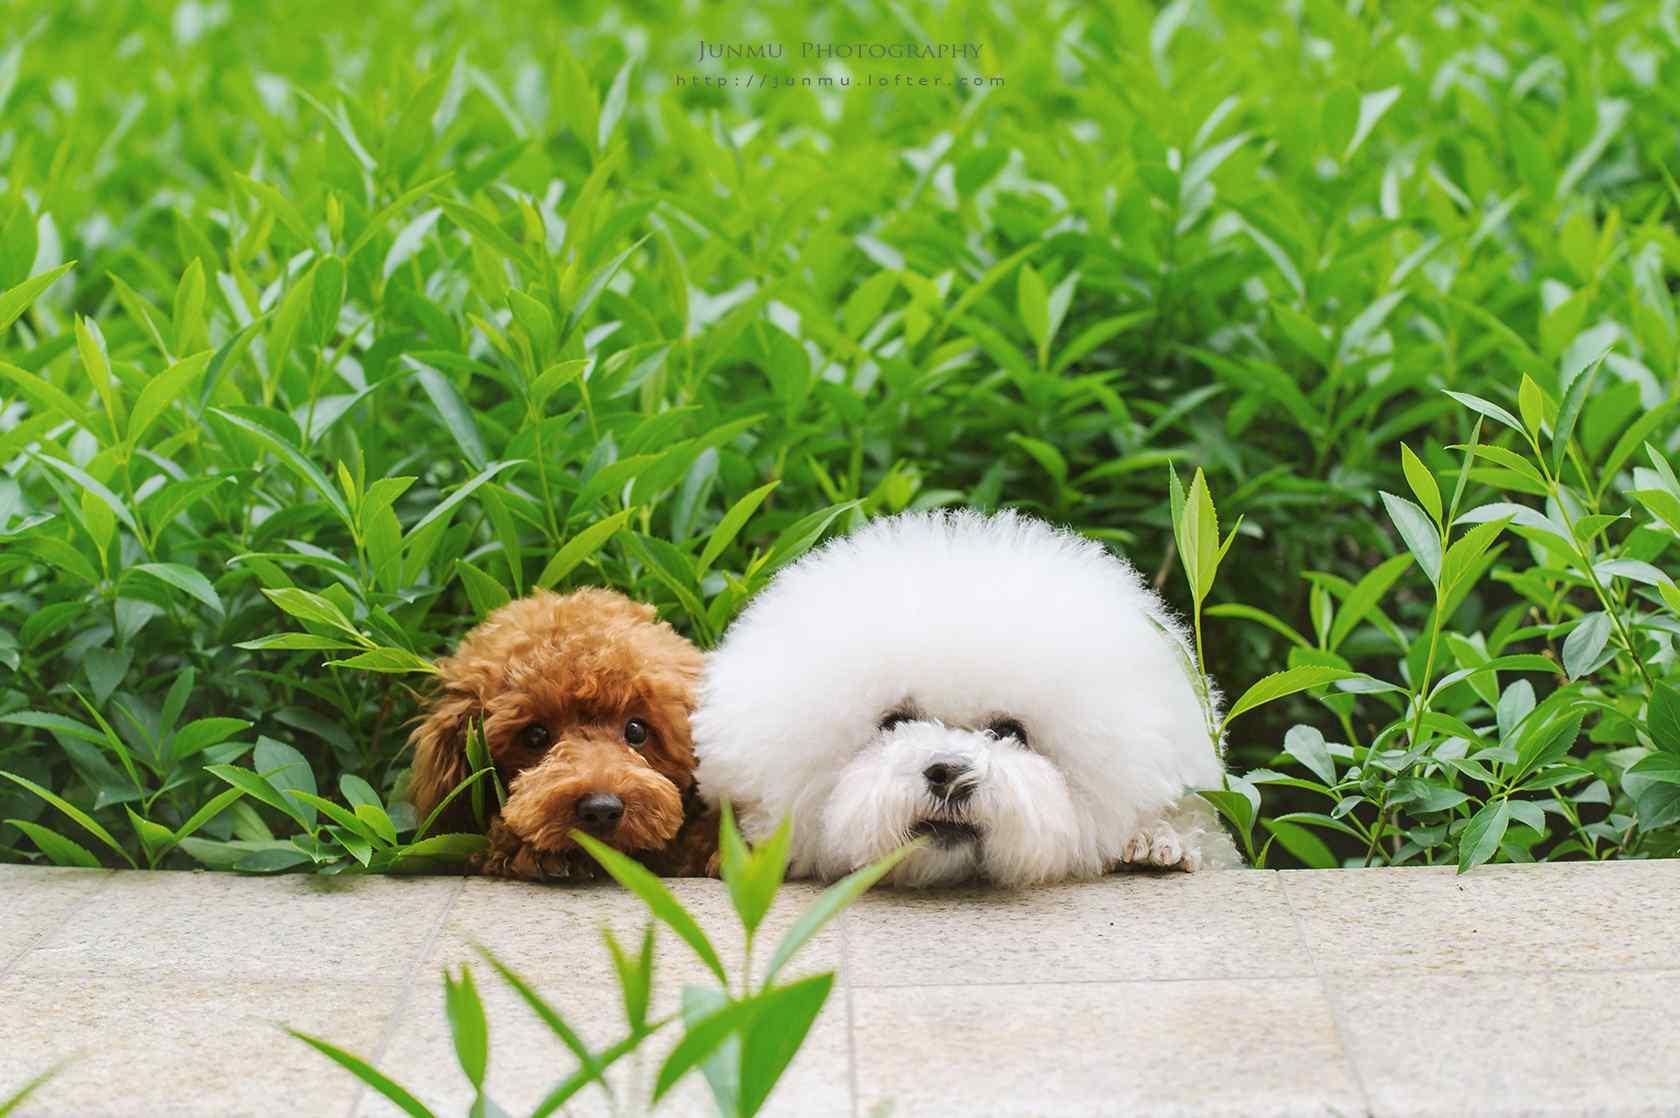 泰迪和比熊躲在草堆里桌面壁纸